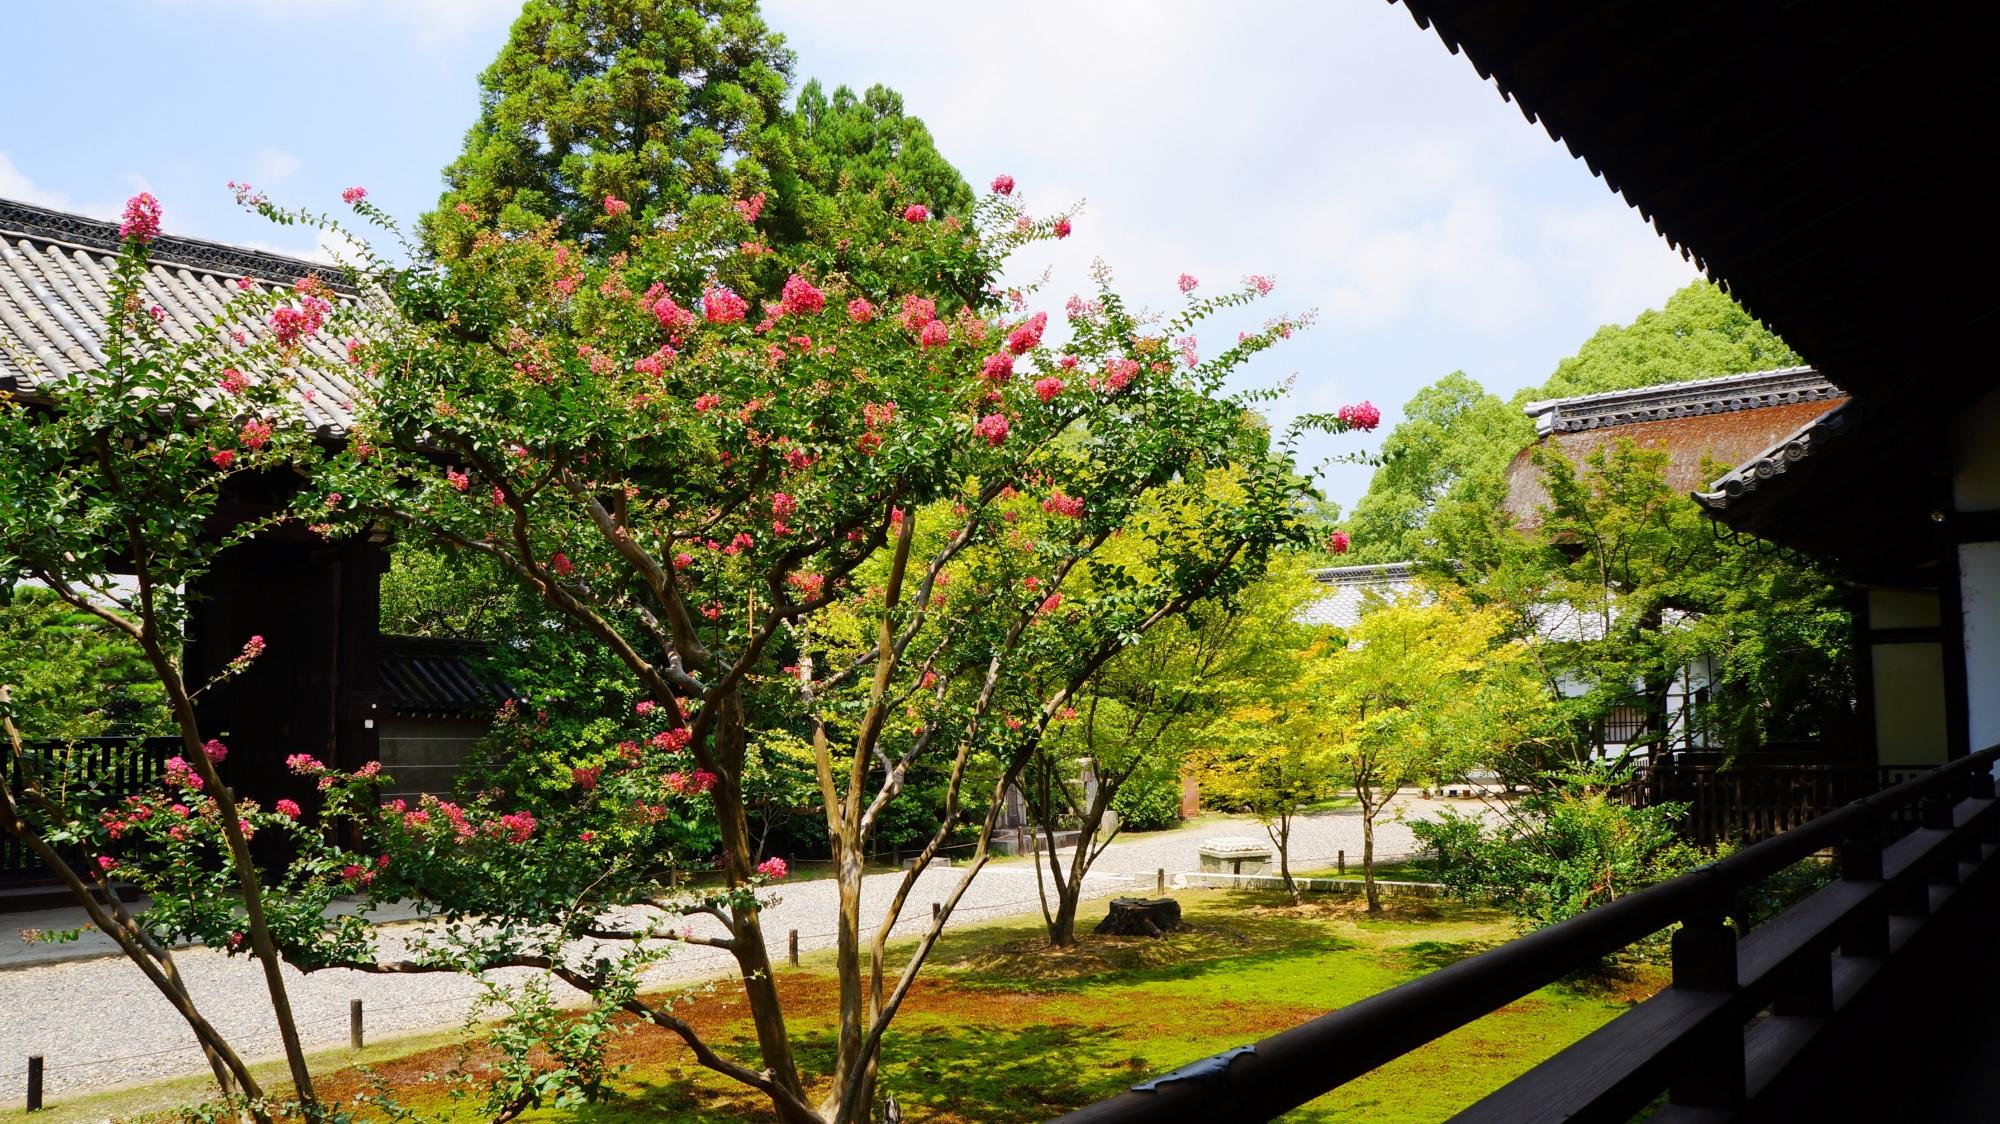 青蓮院の宸殿から眺めた四脚門と百日紅(サルスベリ)